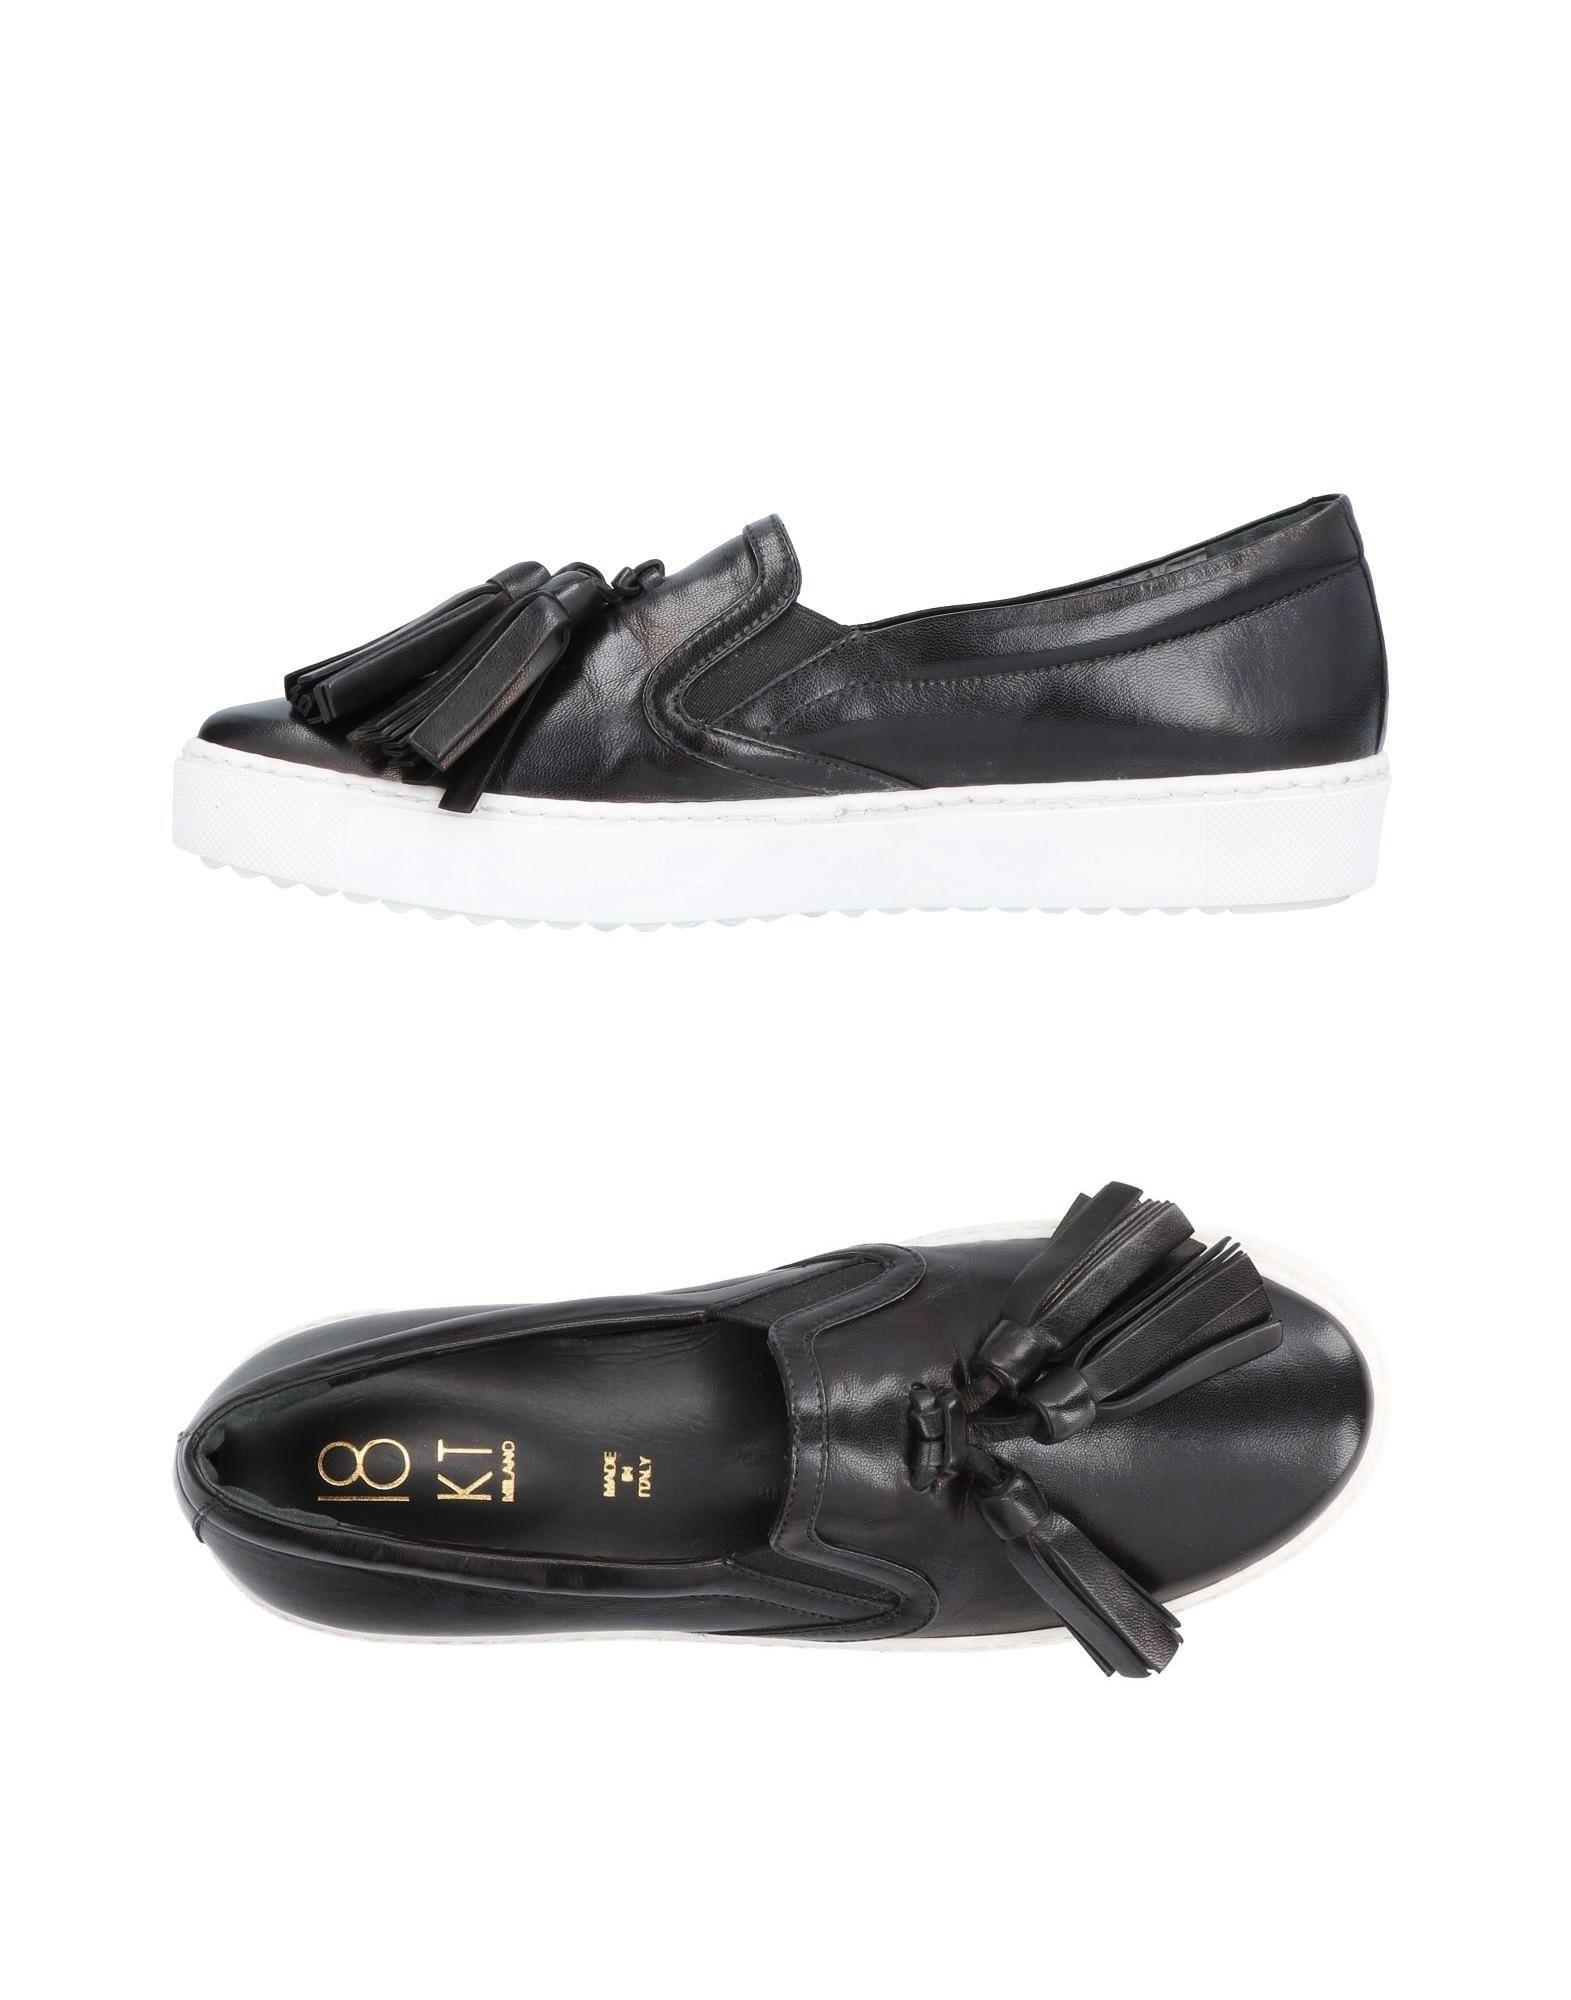 18 Kt Sneakers Sneakers Sneakers Damen  11480714EH Gute Qualität beliebte Schuhe 1cda45